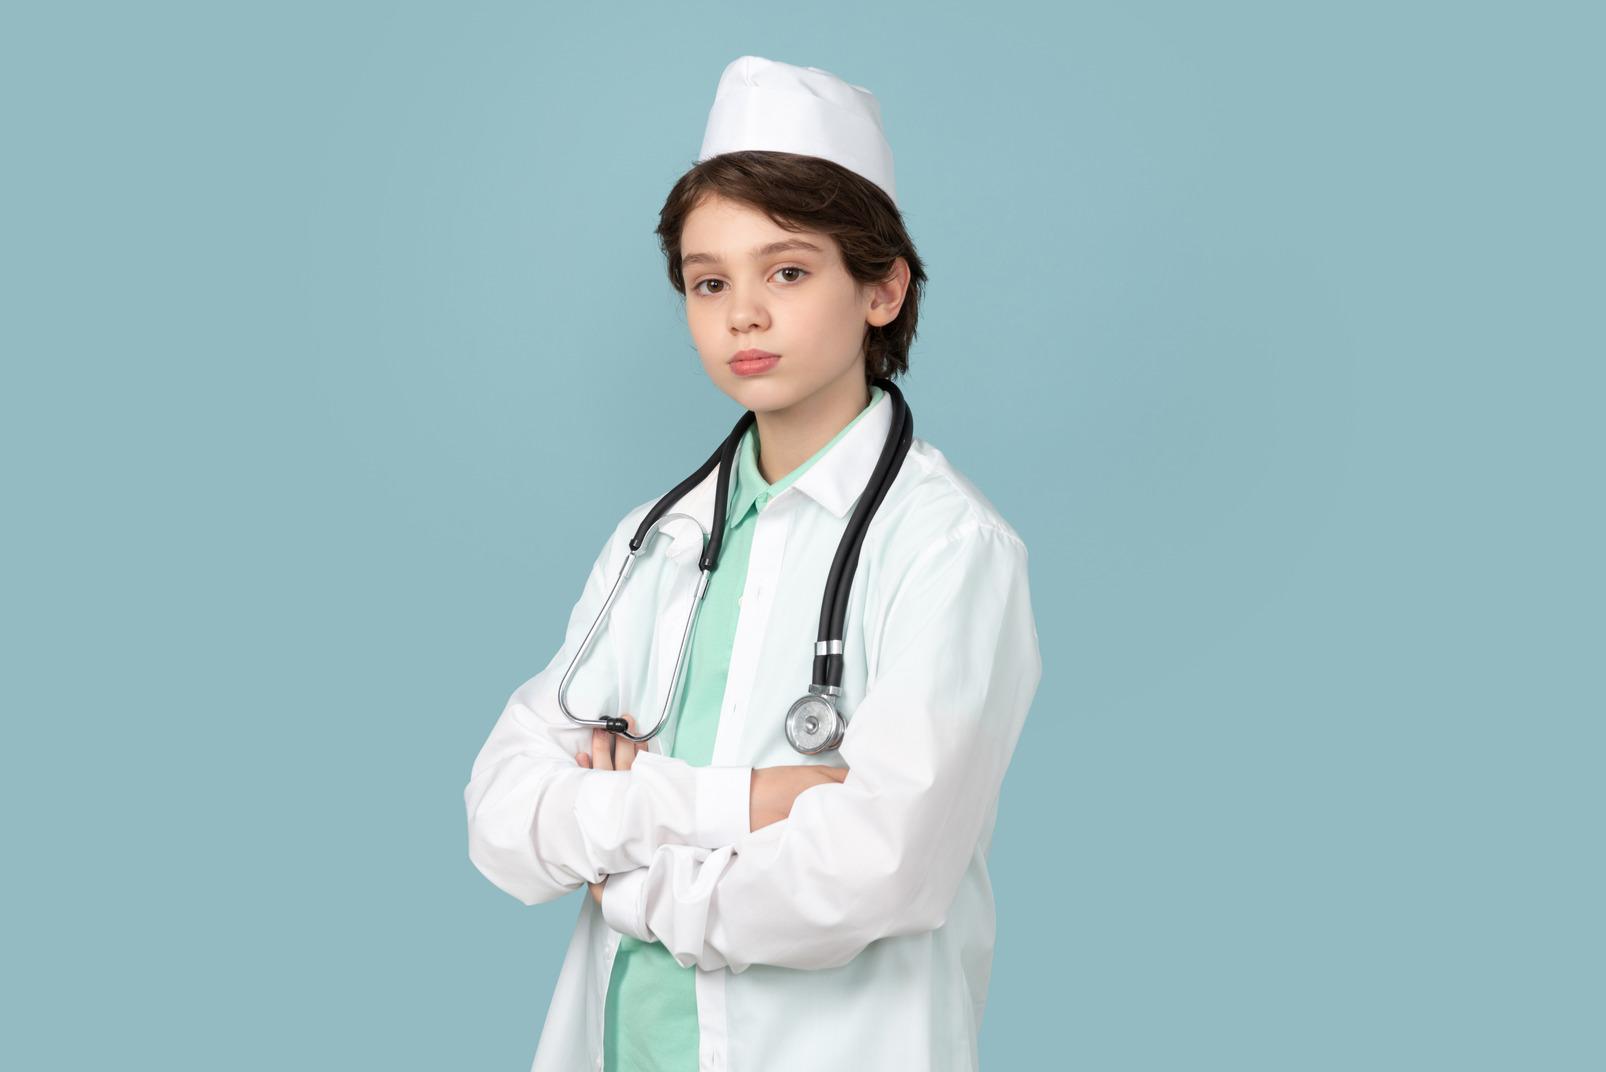 He looks like a real doctor